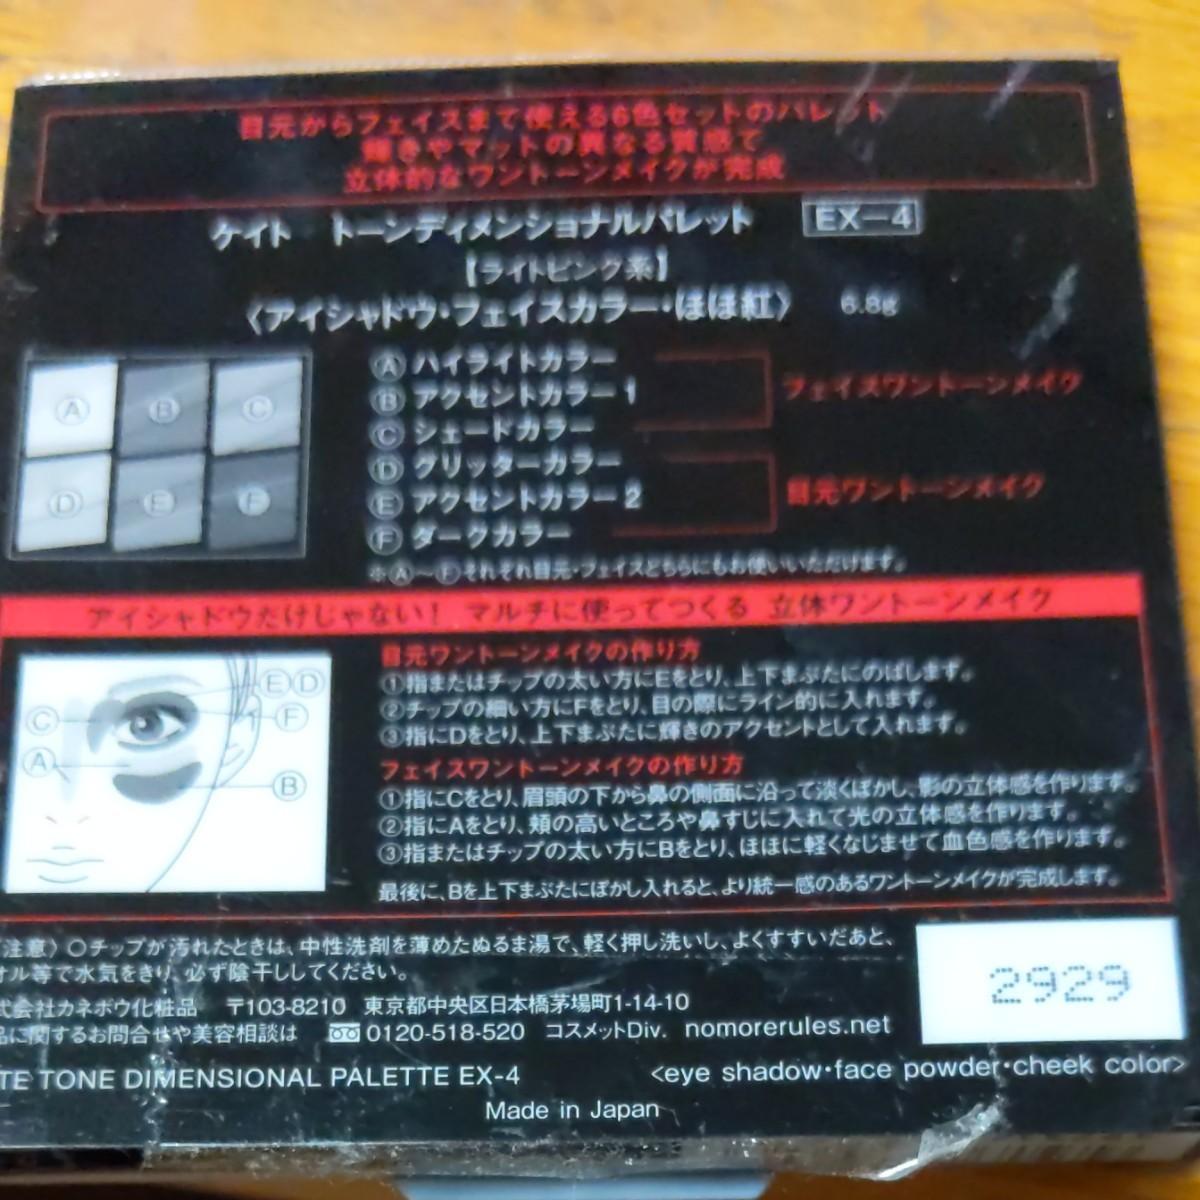 KATE (ケイト) ケイト トーンディメンショナルパレット EX―4 アイシャドウ EX-4 ライトピンク系 6.8g